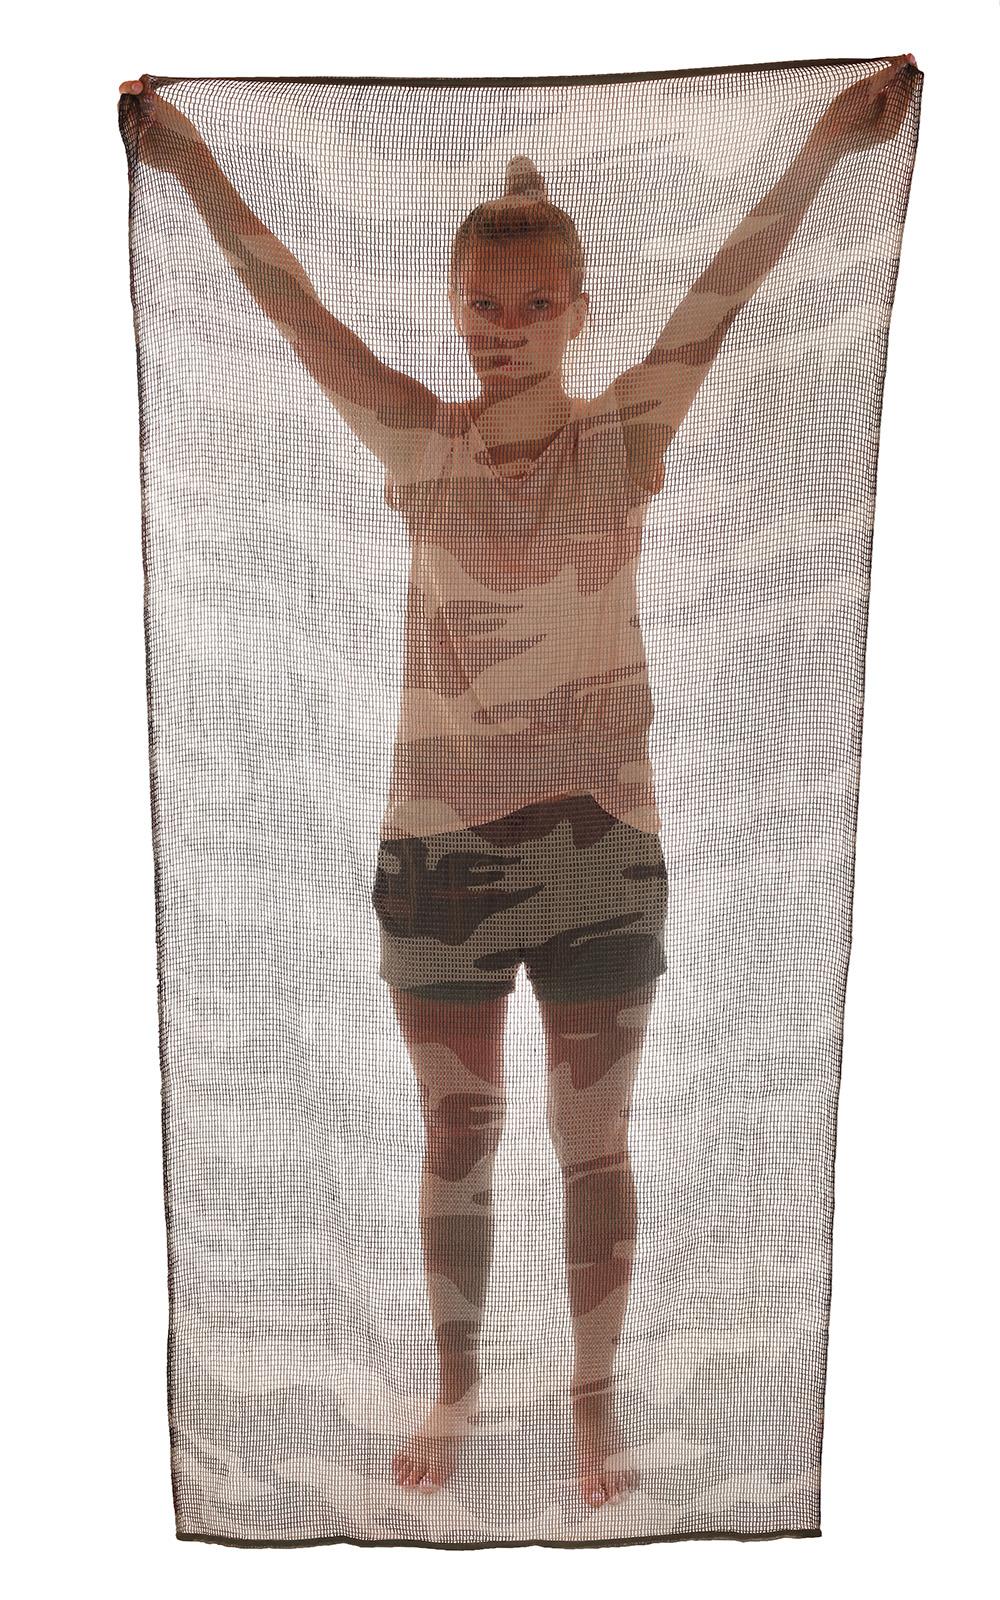 Купить шарф-сетку тактическую Французский камуфляж по привлекательной цене.